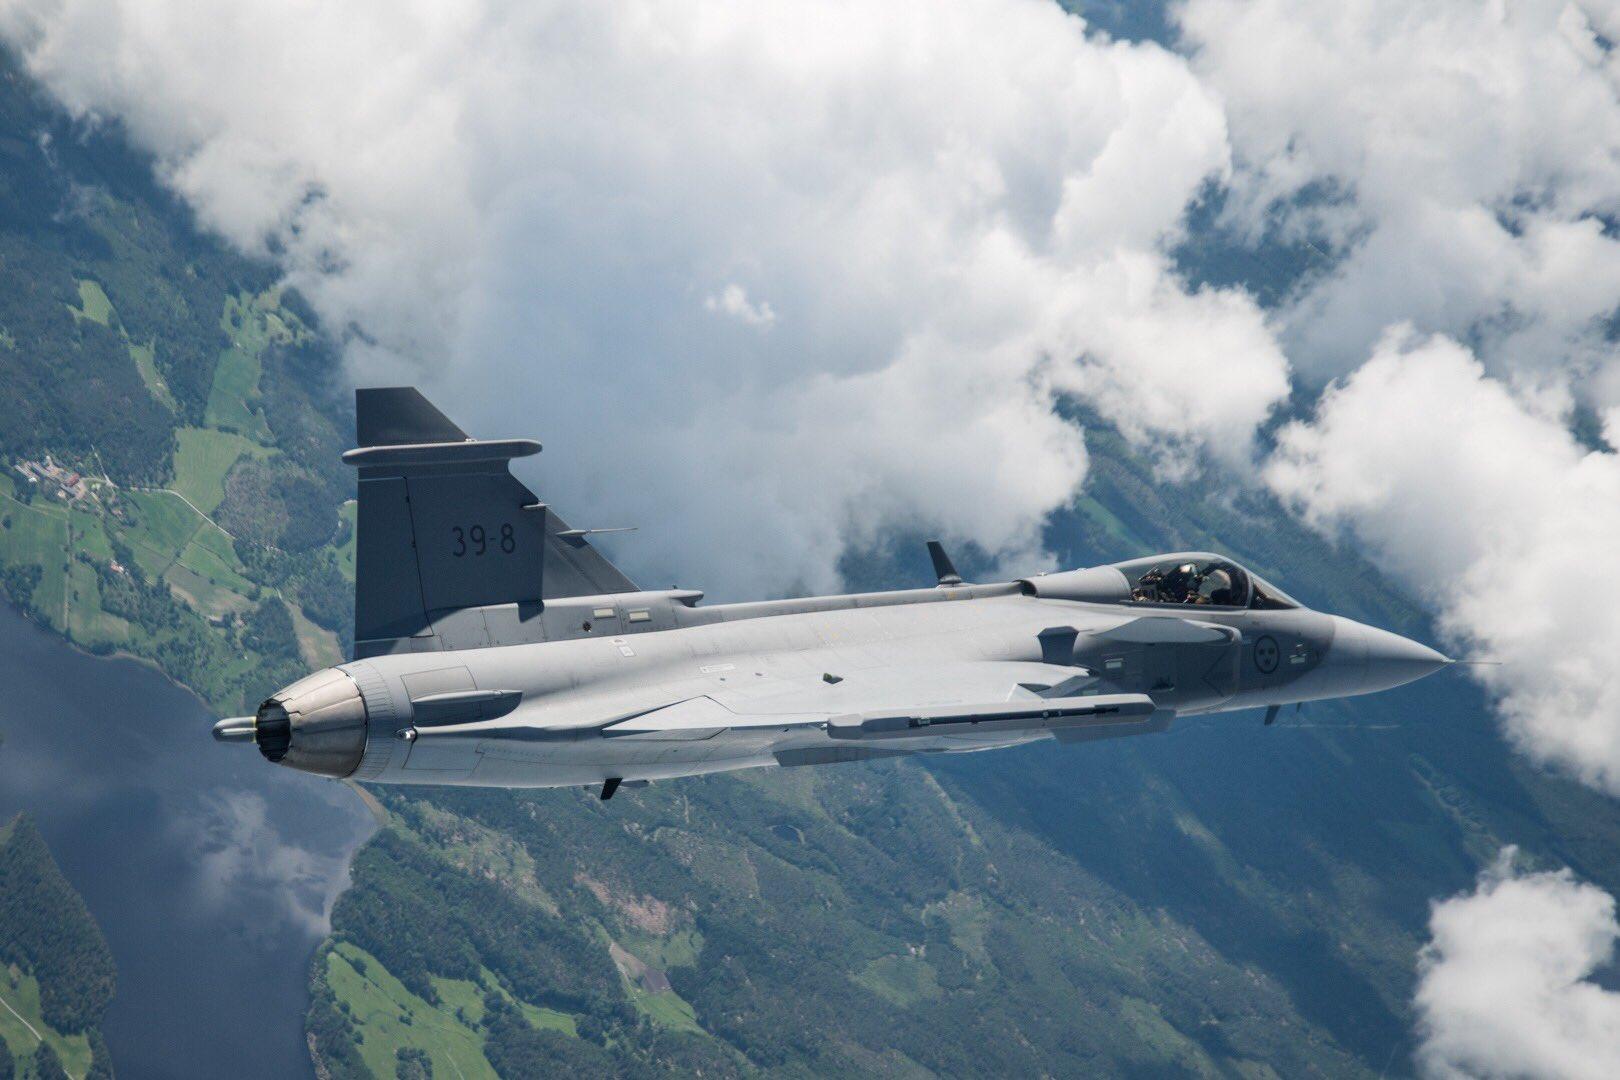 Первый опытный образец истребителя Saab JAS-39E Gripen (Gripen E, бортовой номер 39-08) в первом полете. 15.06.2017 (с) Saab AB